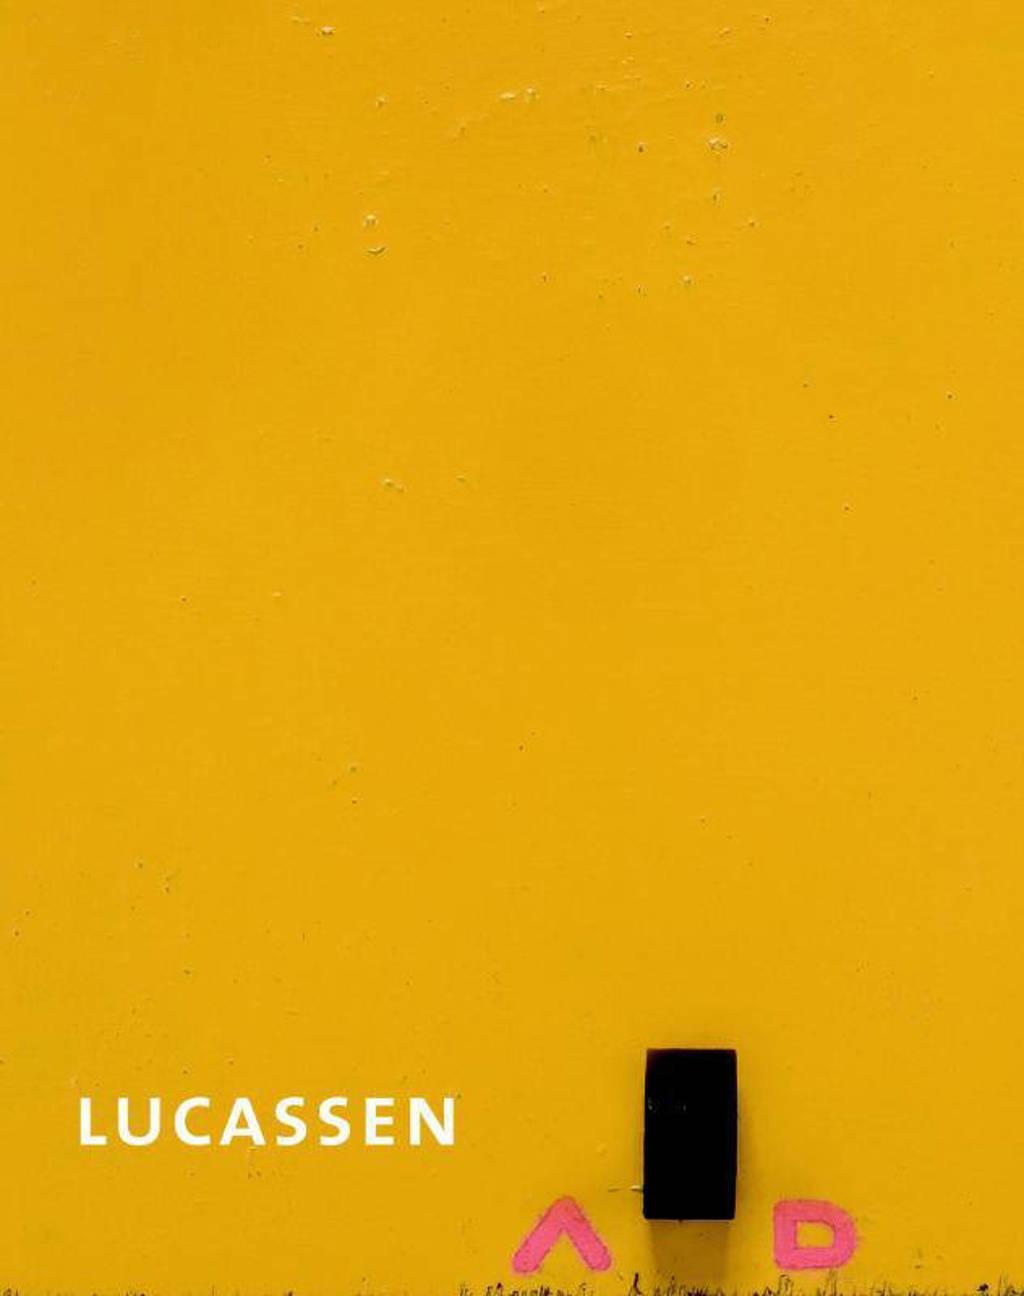 Lucassen - Lucassen, R. Kaal en P. van der Meijden